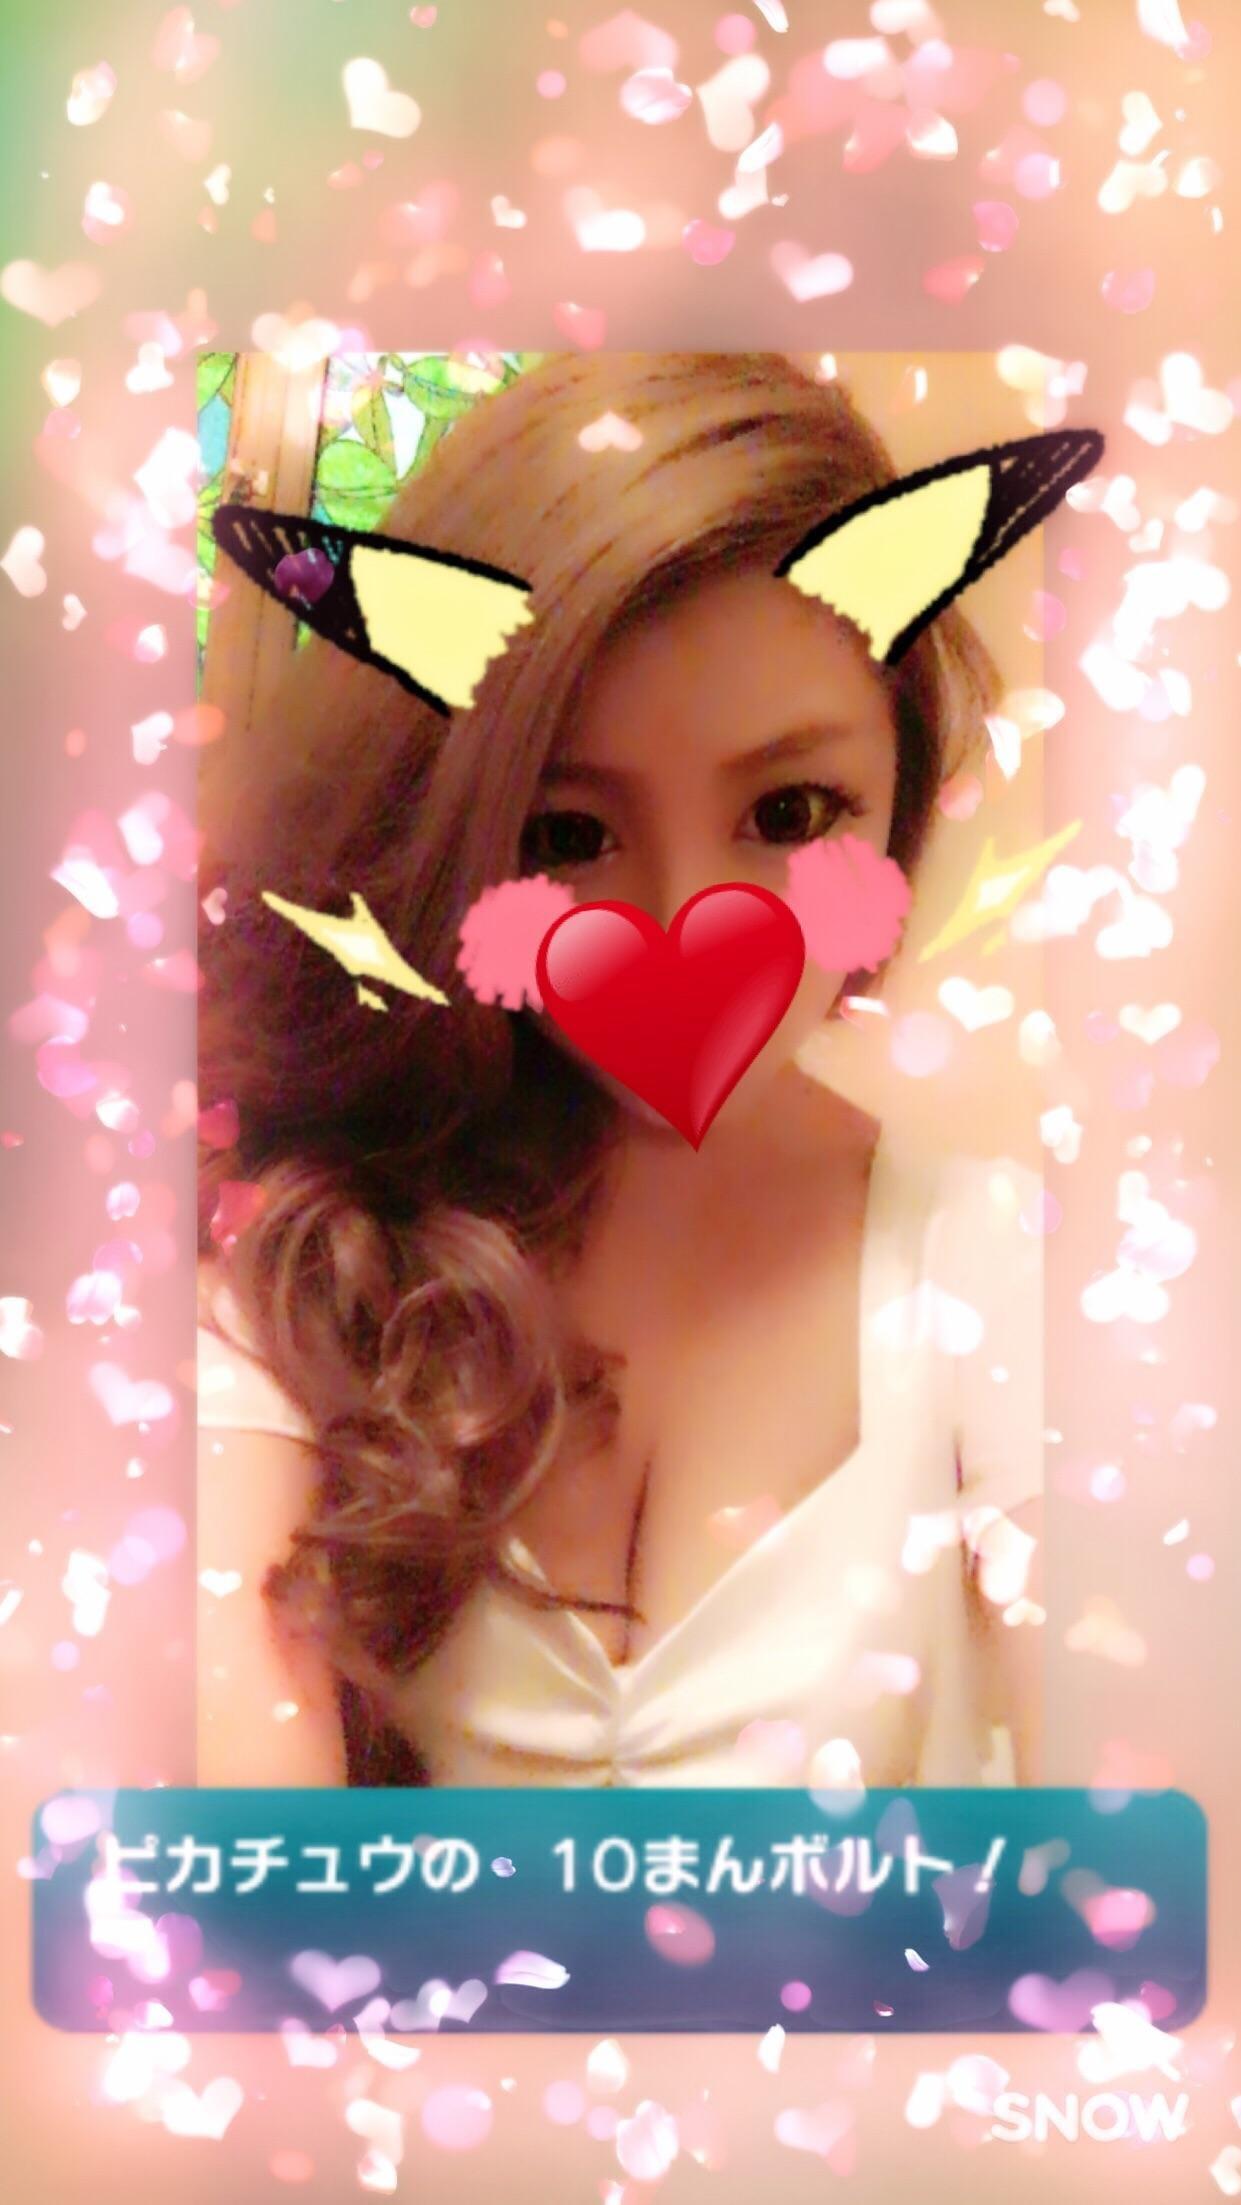 「おはよーくん?」01/18(金) 09:04 | りみ☆甘え上手の床上手♪の写メ・風俗動画